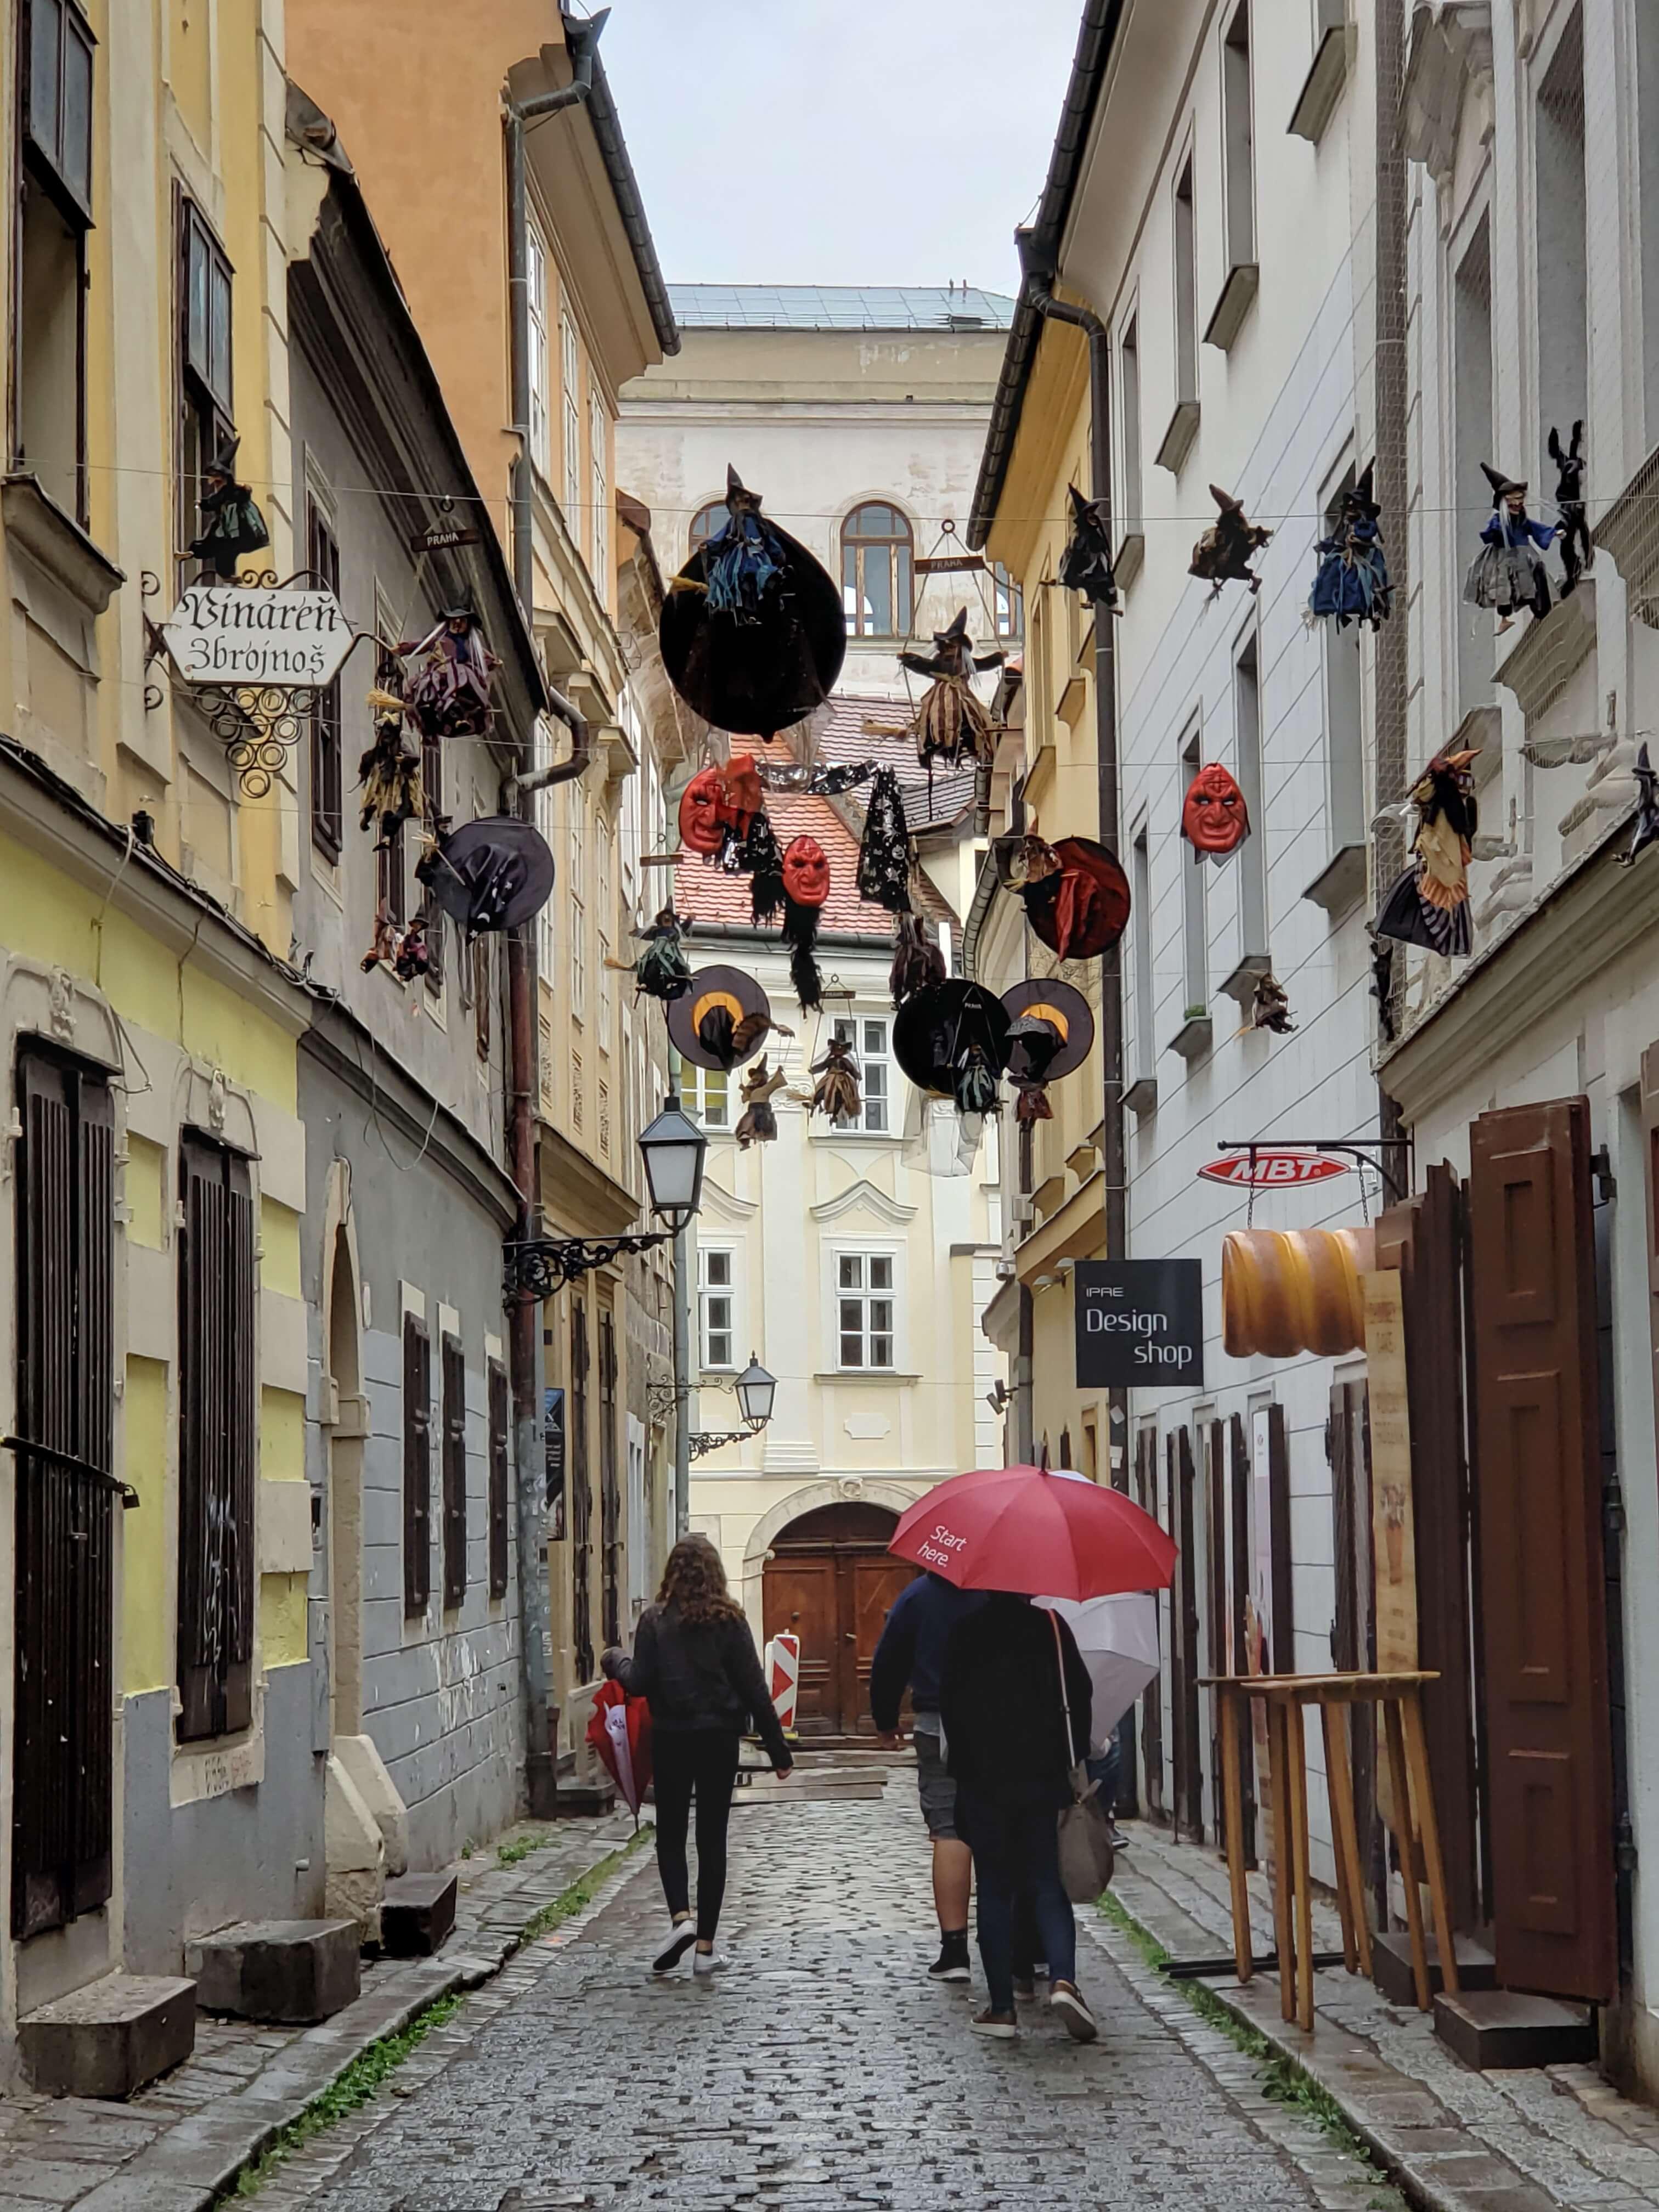 Ruas do centro antigo de Bratislava